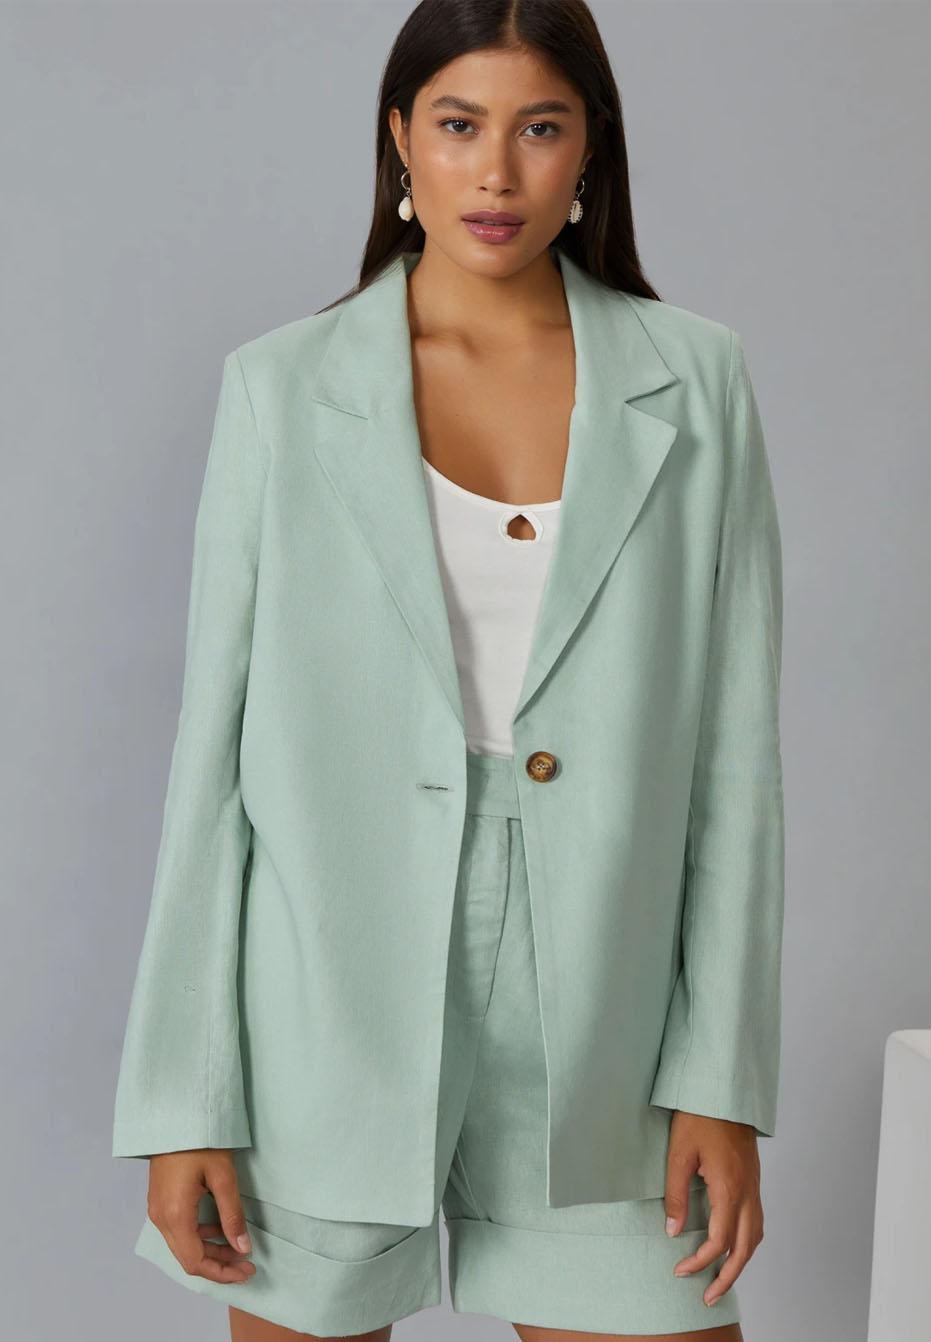 Modelo vestindo blazer de linho verde